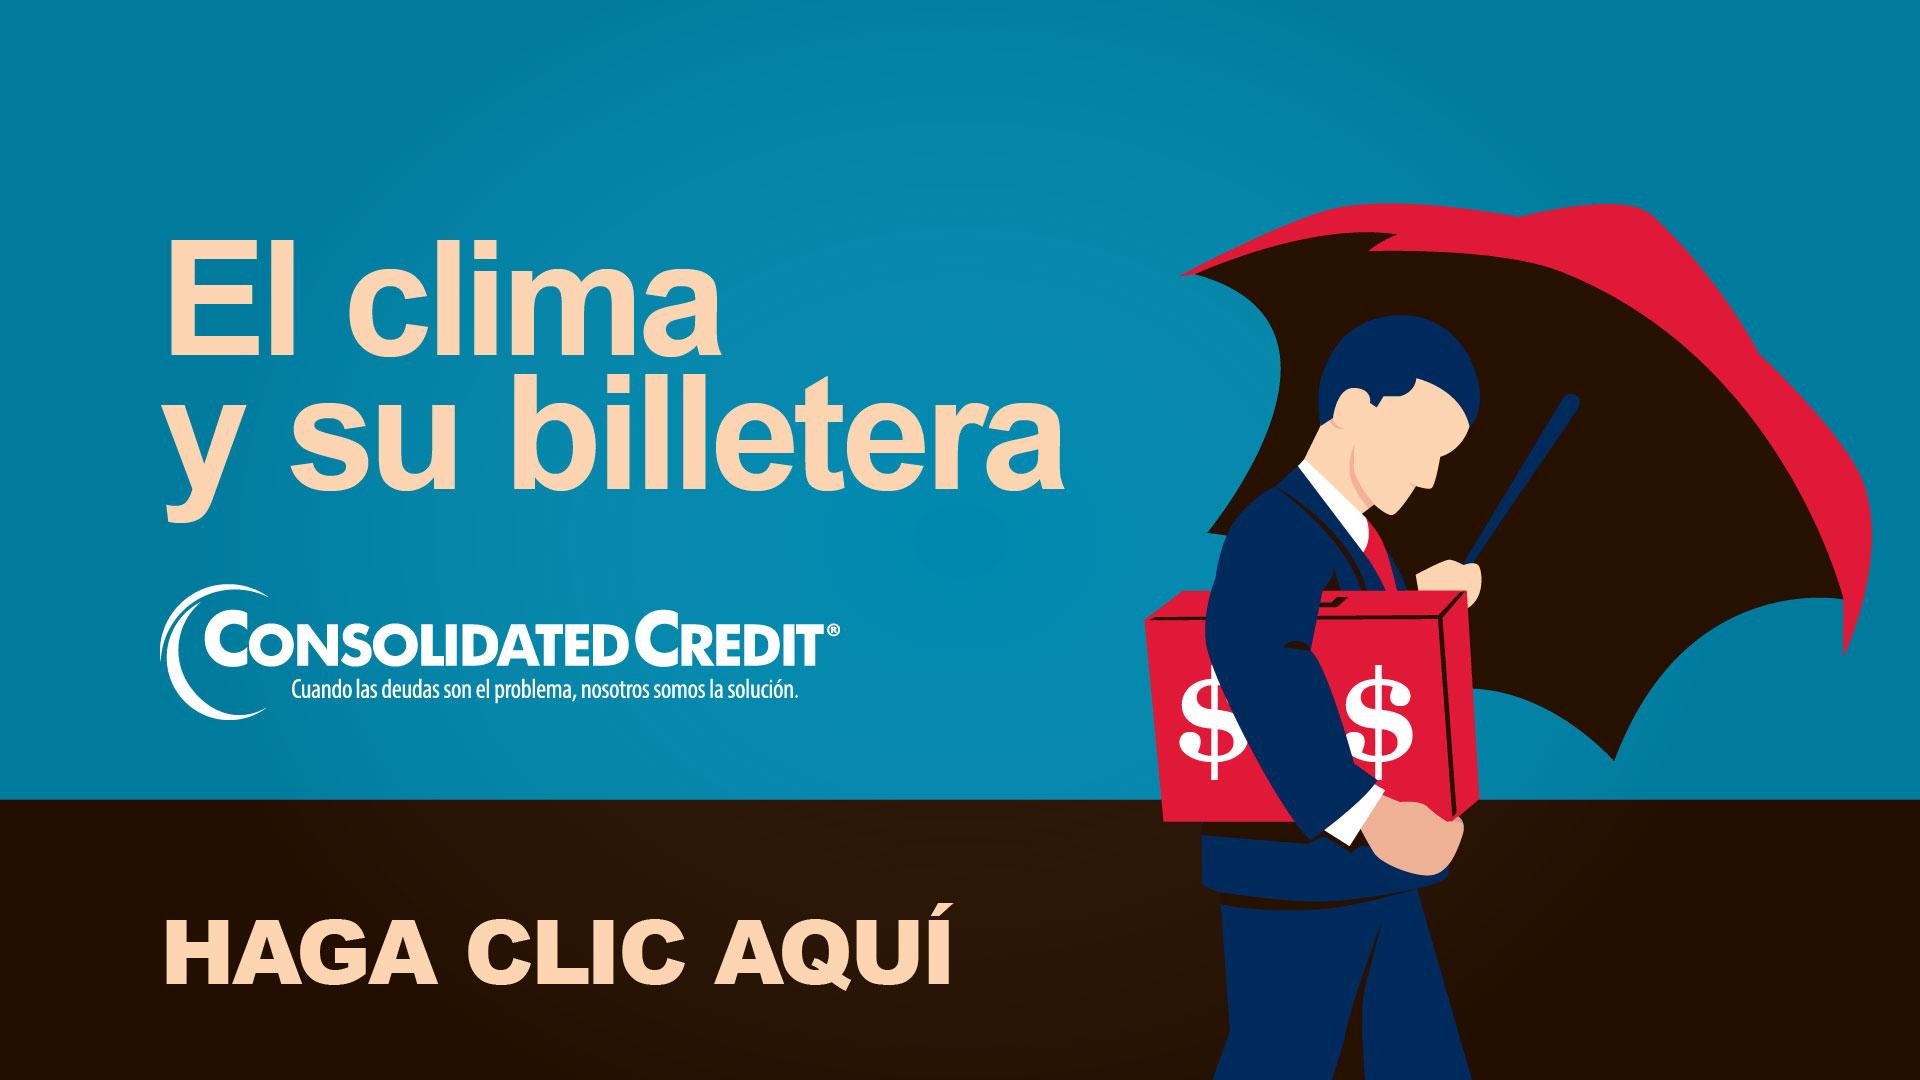 Acompáñenos el miércoles 19 de mayo a la 1:00pm para aprender sobre cómo manejar sus finanzas ante la amenaza de un desastre.